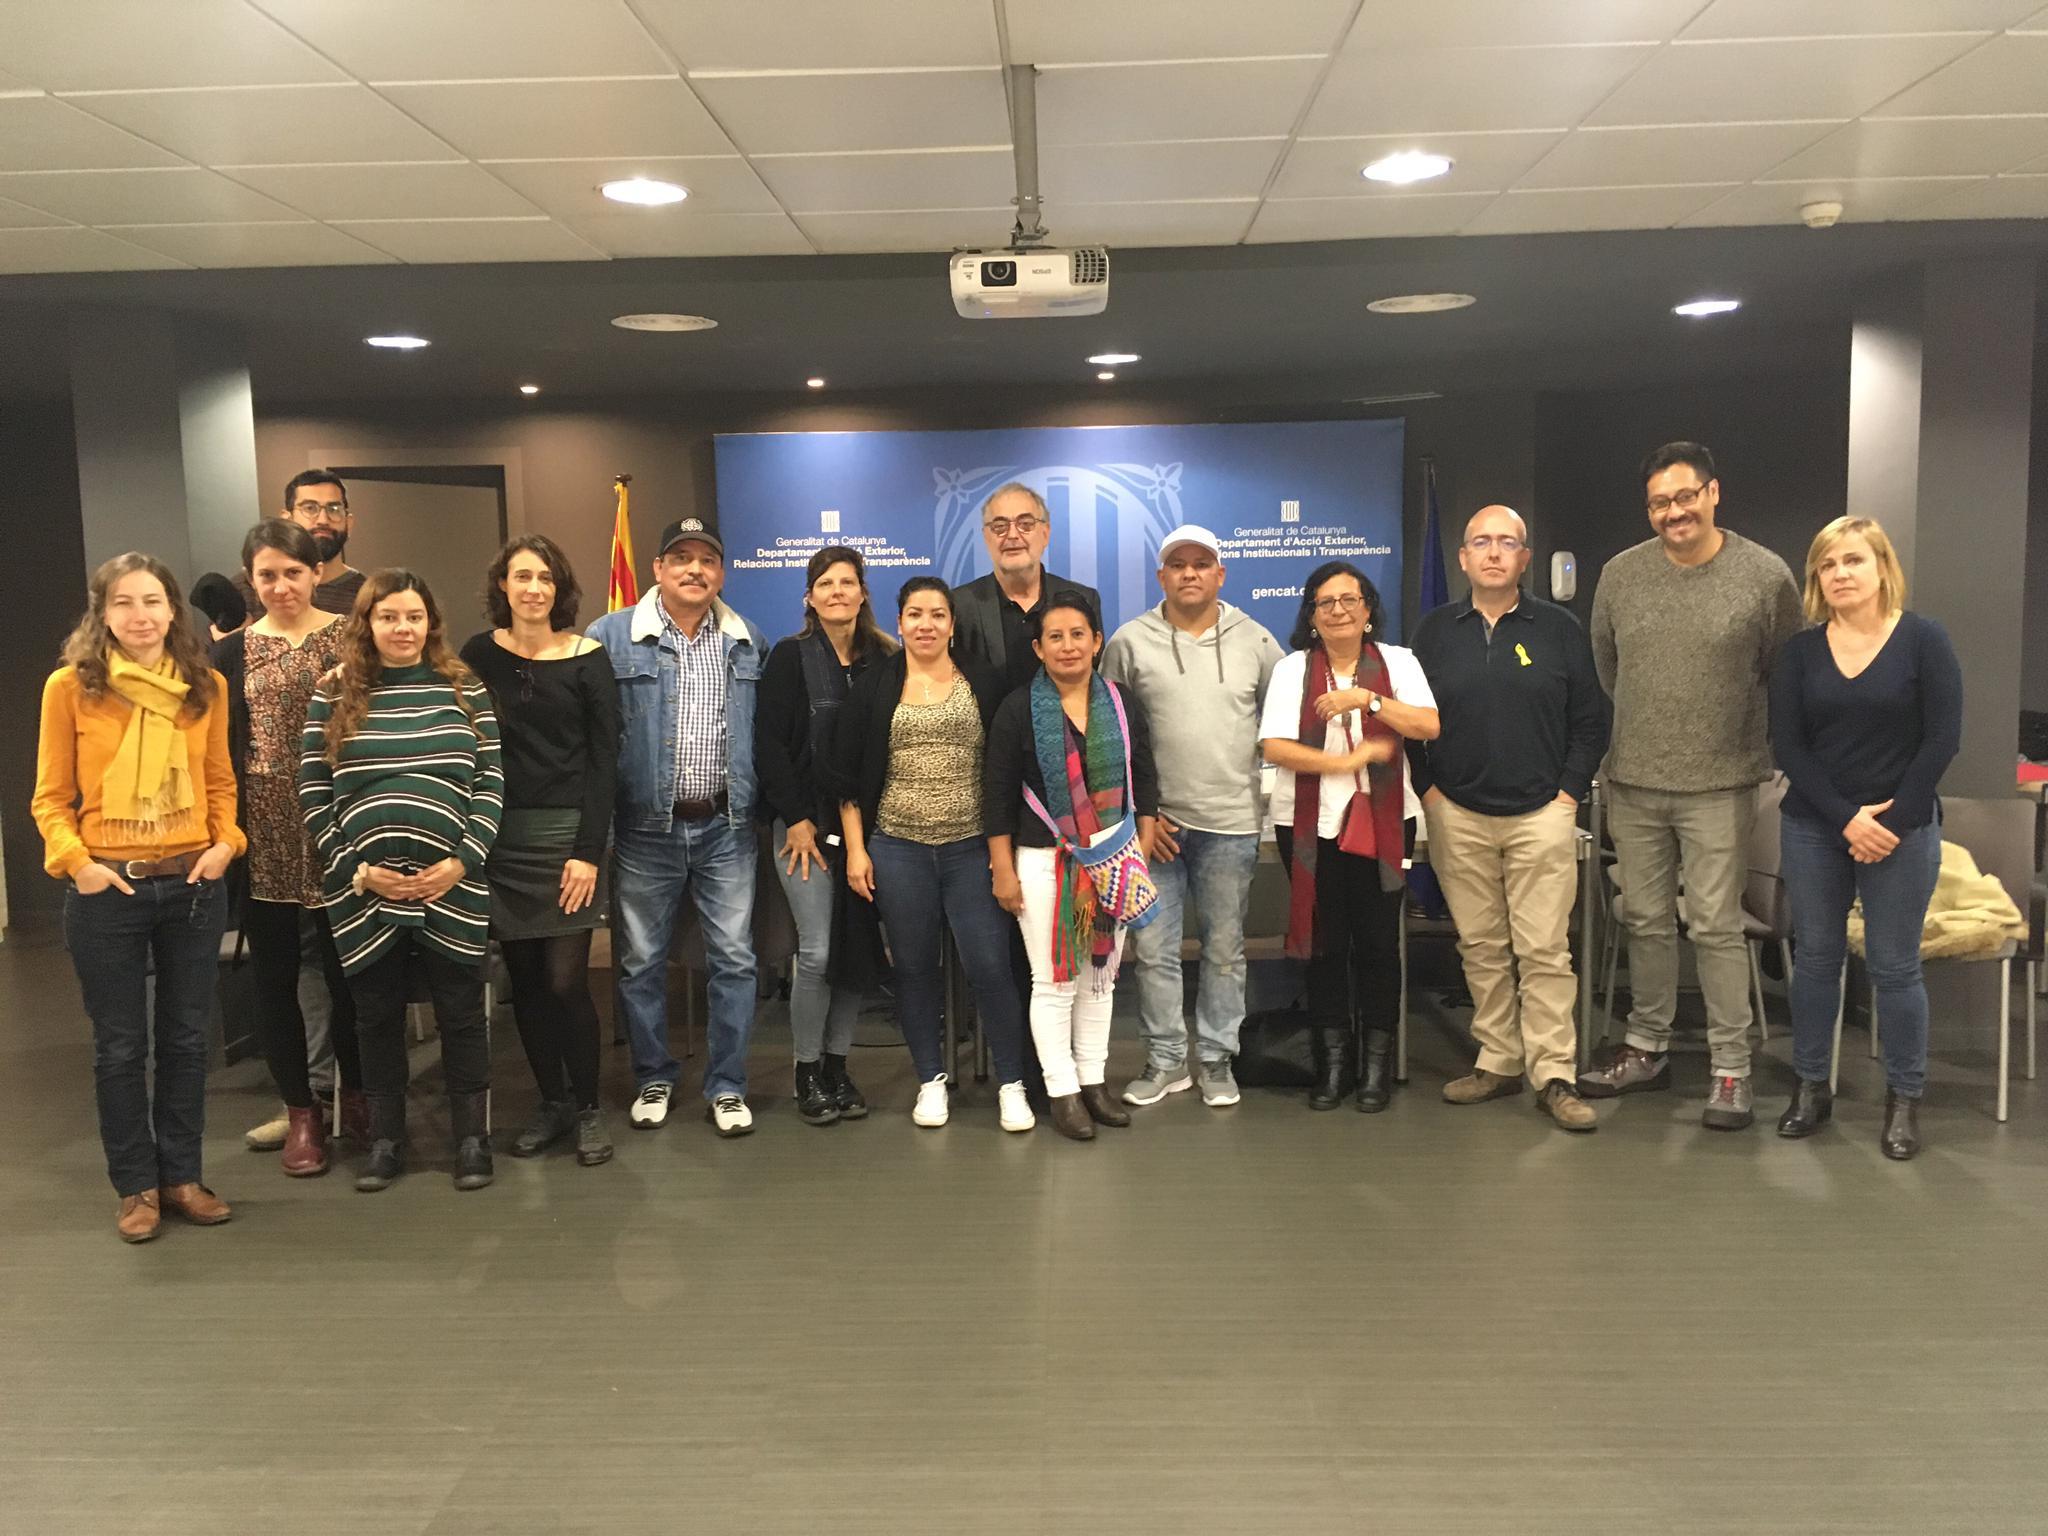 Comunicat Dels Programes De Protecció Per A Persones Defensores Dels Drets Humans De L'Estat Espanyol